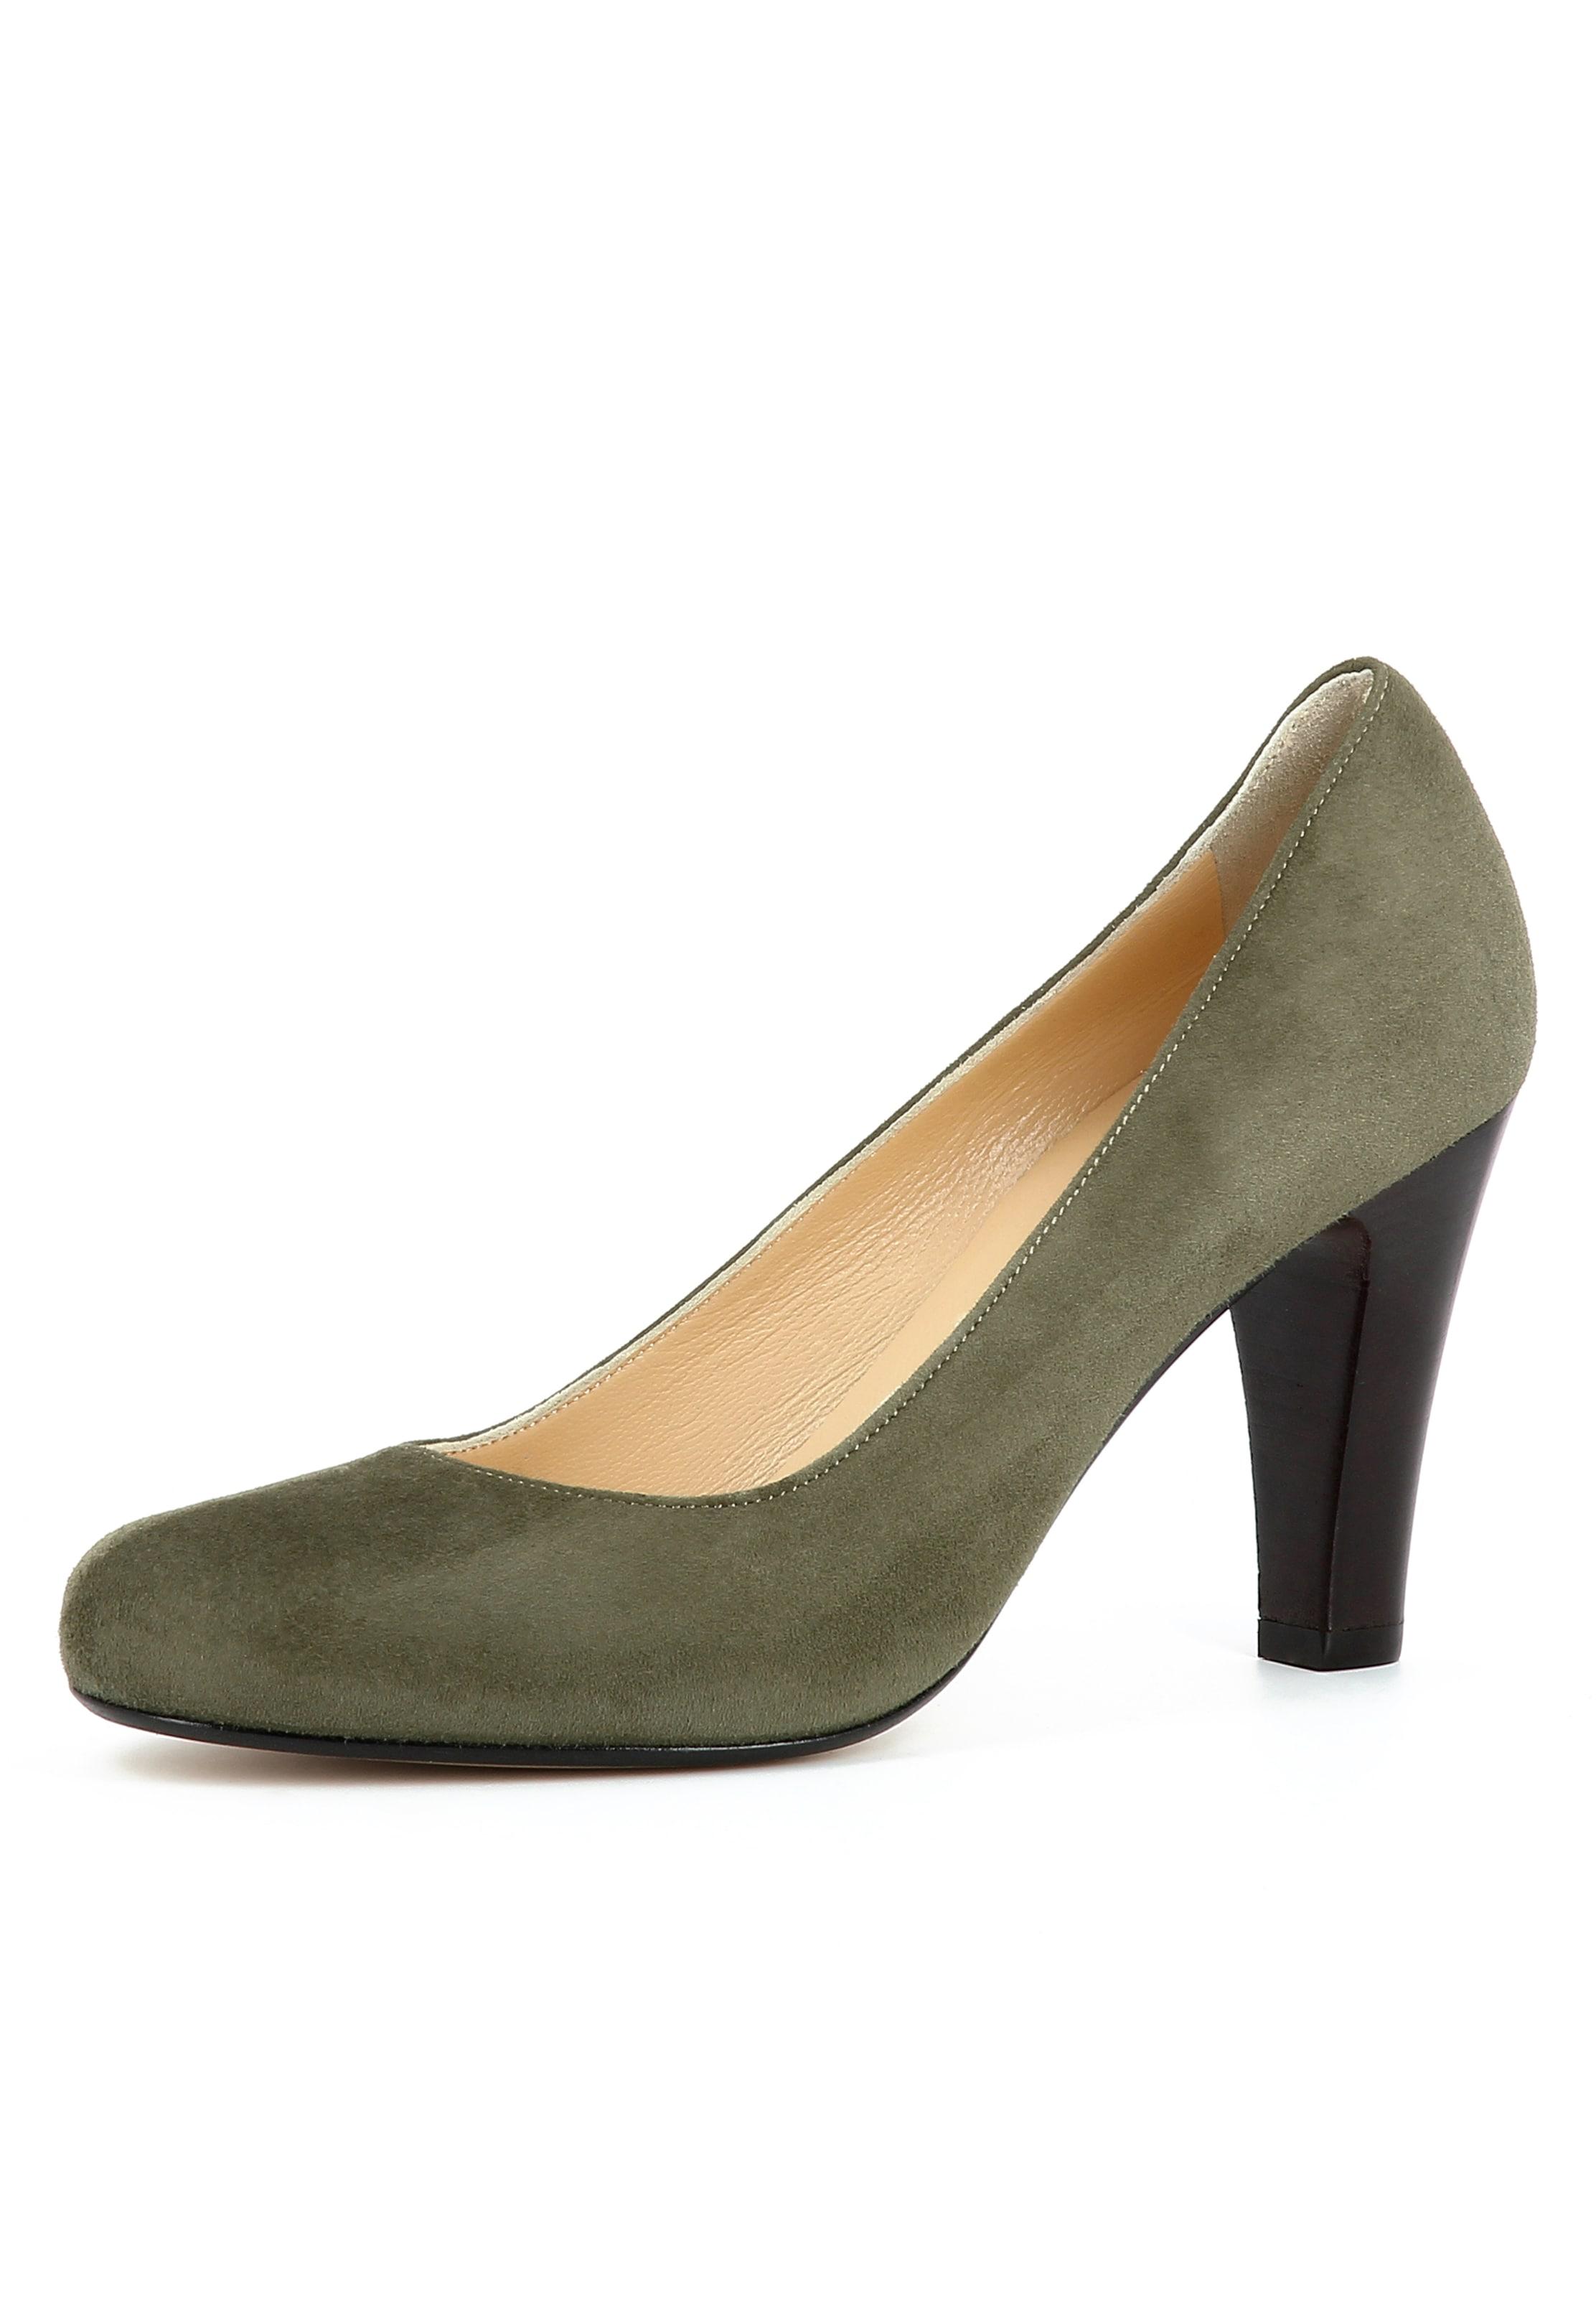 EVITA Damen Pumps MARIA Günstige und langlebige Schuhe